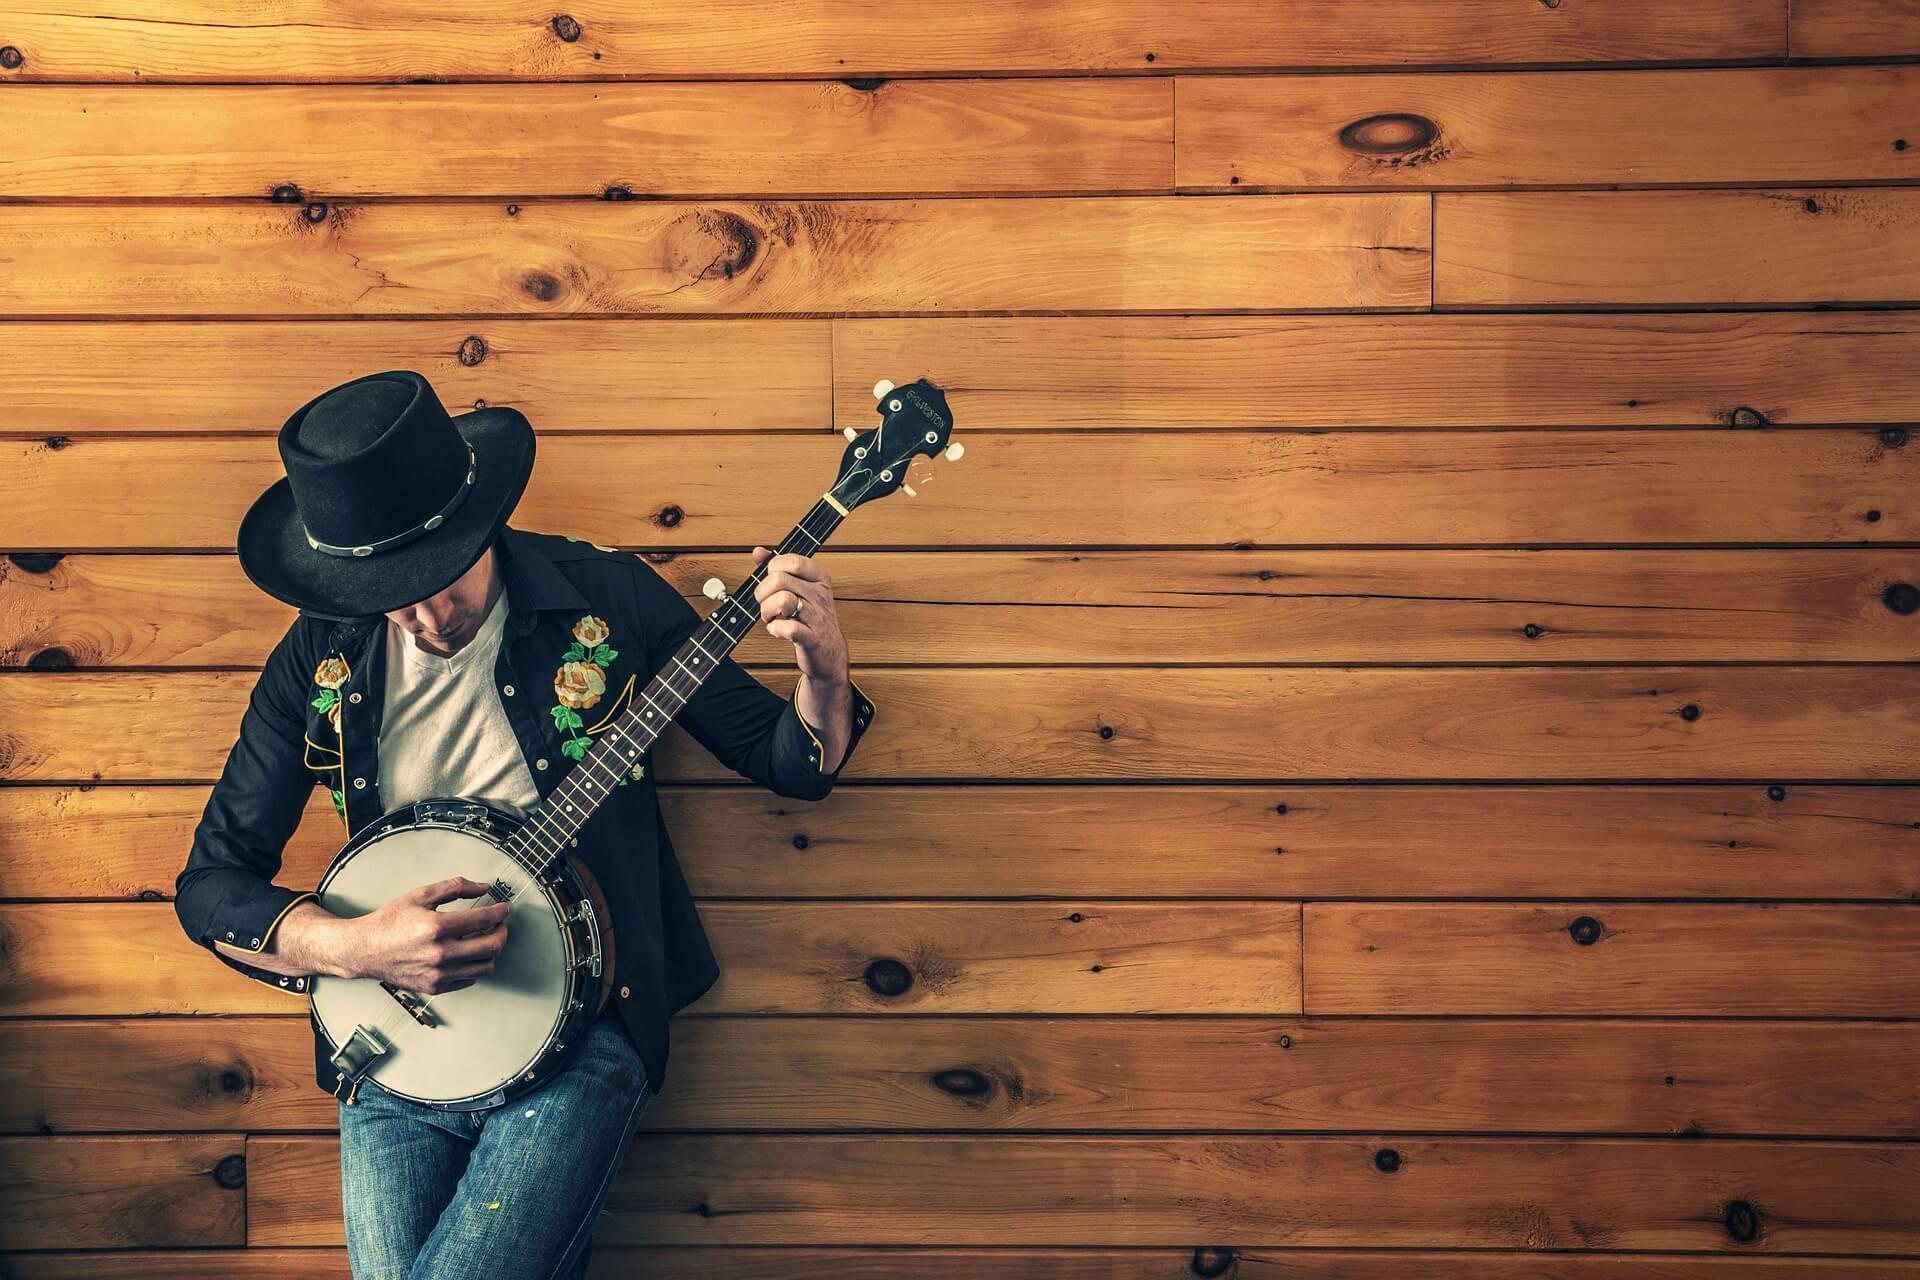 楽器を弾く男